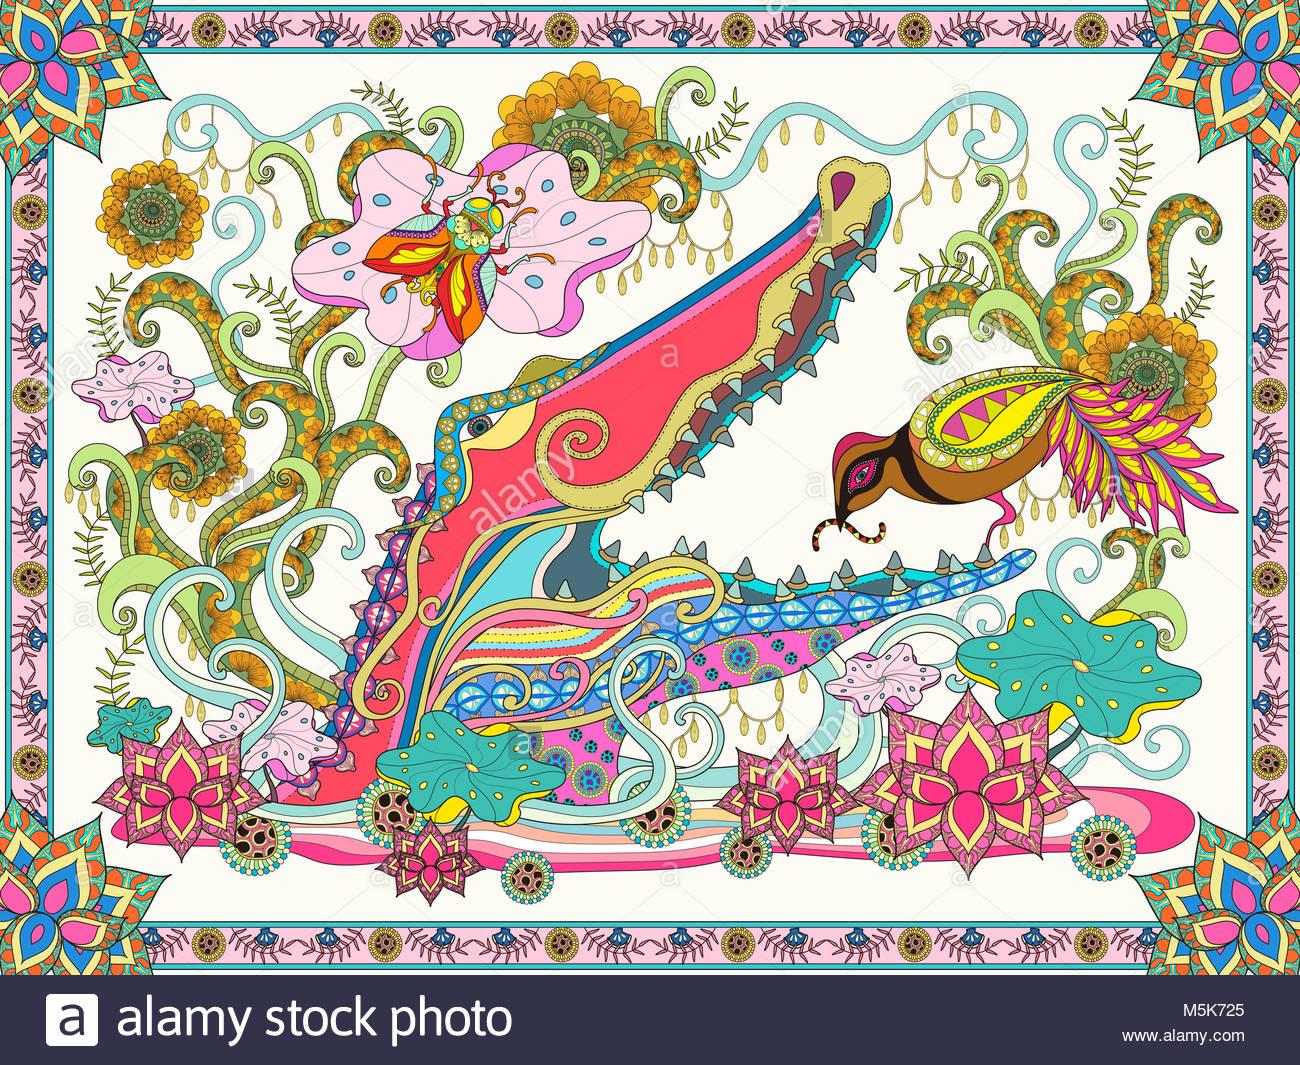 Fein Krokodil Färbung Seite Bilder - Beispielzusammenfassung Ideen ...